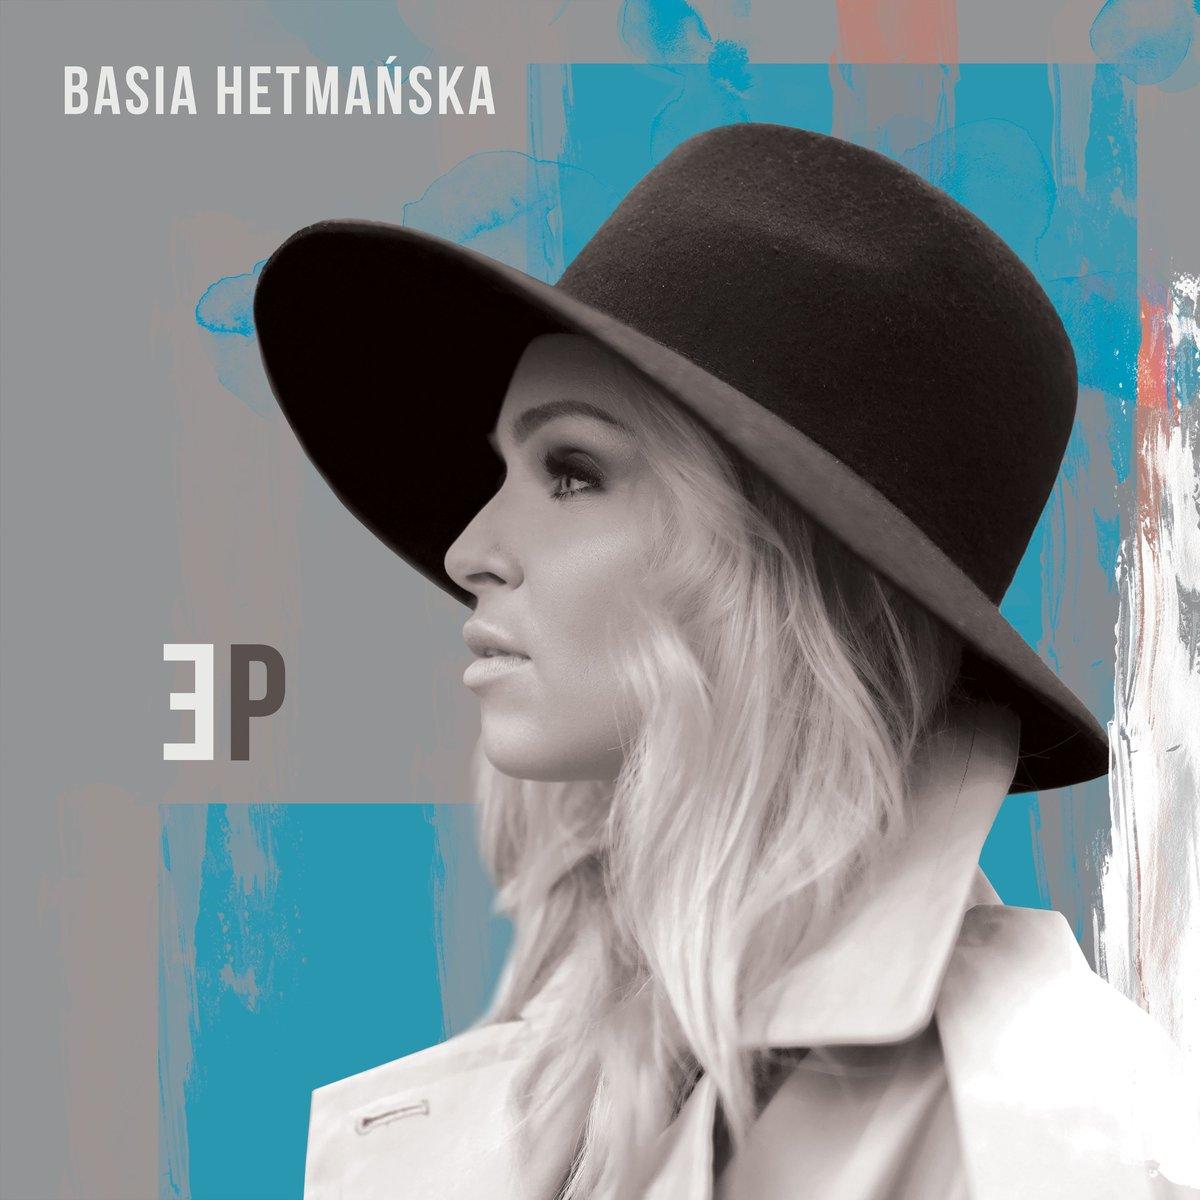 Basia Hetmanska ep-b-iext52972943